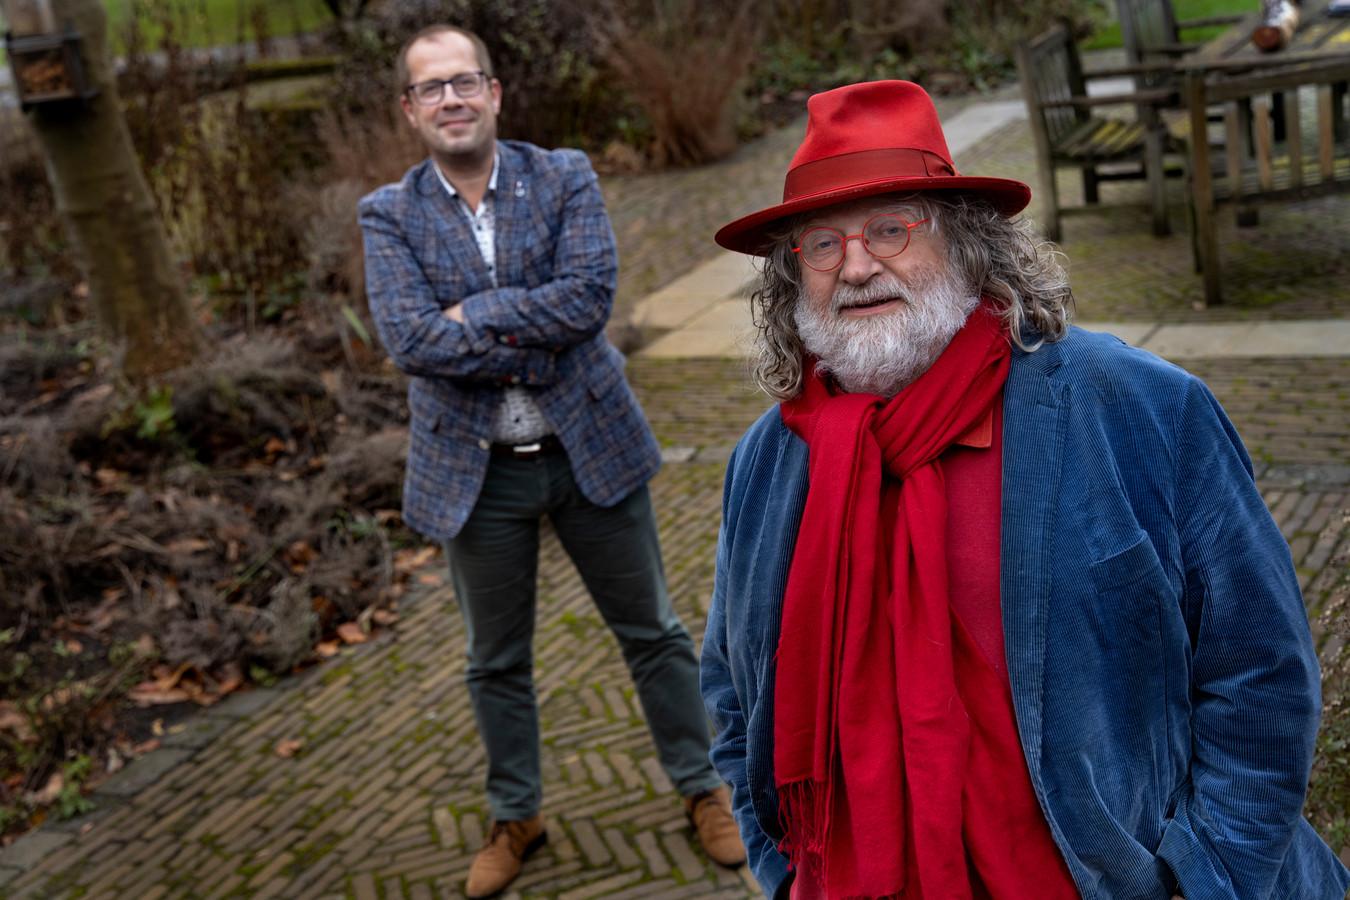 Hovenier Fons Linders (rechts) wil afvallen, wethouder Ralf Stultiëns wil stoppen met roken. Zij zijn twee van de twintig Bekende Nuenenaren die meedoen aan de '10 Weken Challenge'.